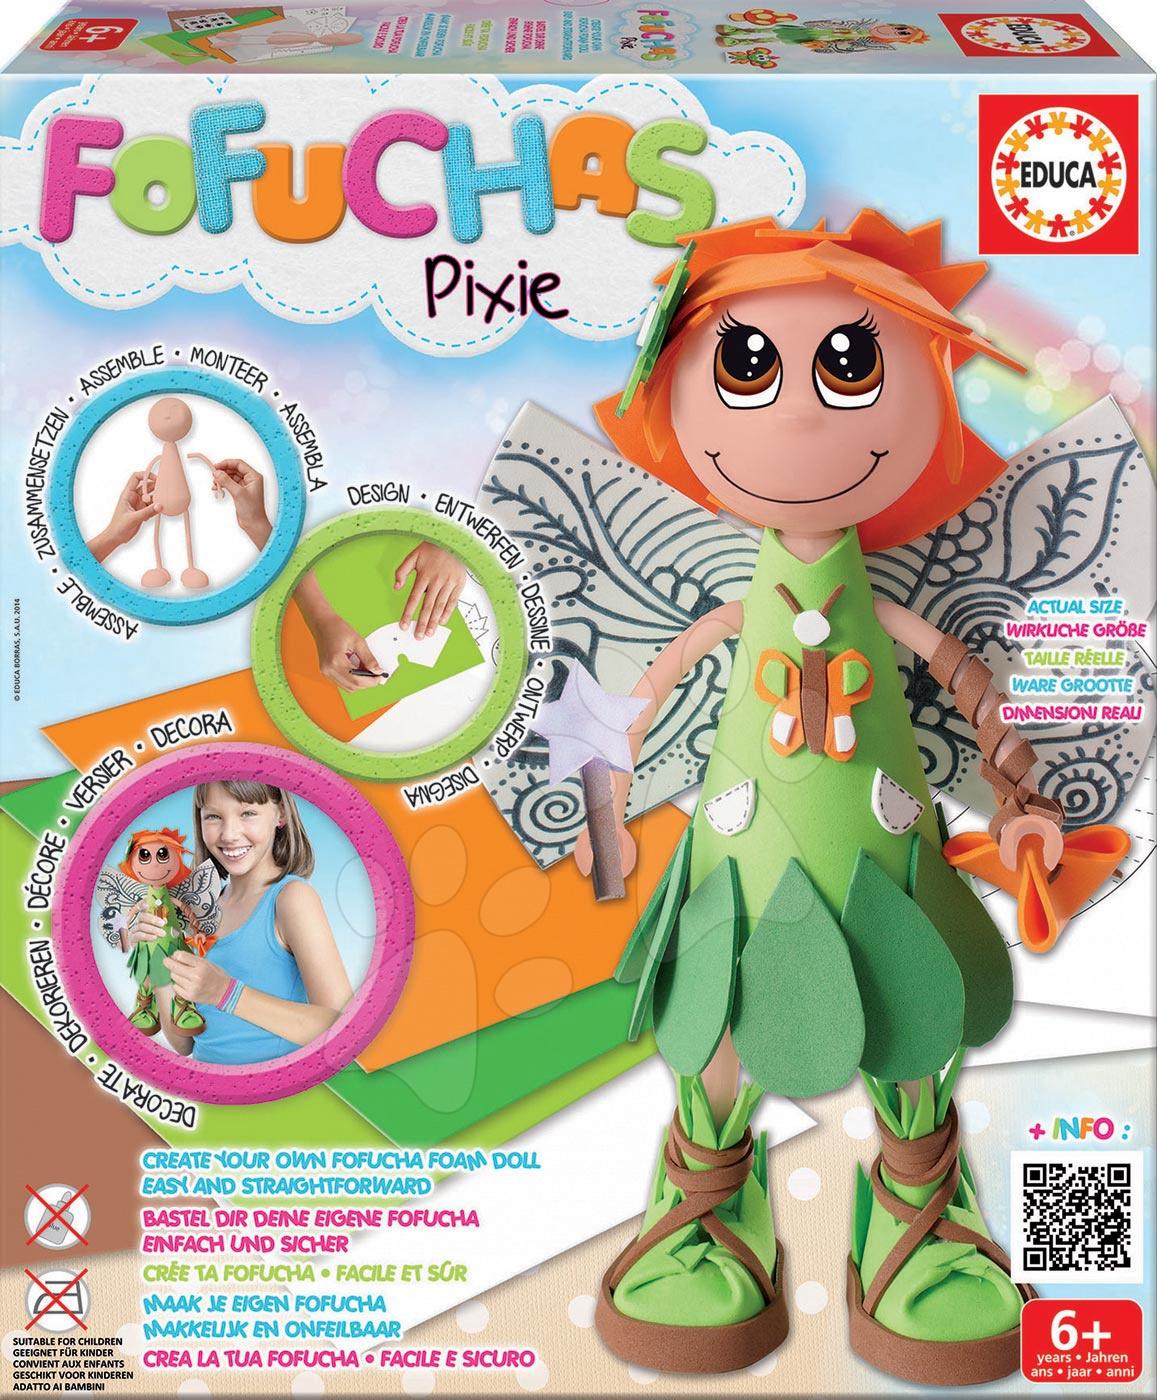 Ručné práce a tvorenie - Brazílska lesná bábika Fofuchas Pixie Fairy Educa Obleč ju sama od 6 rokov